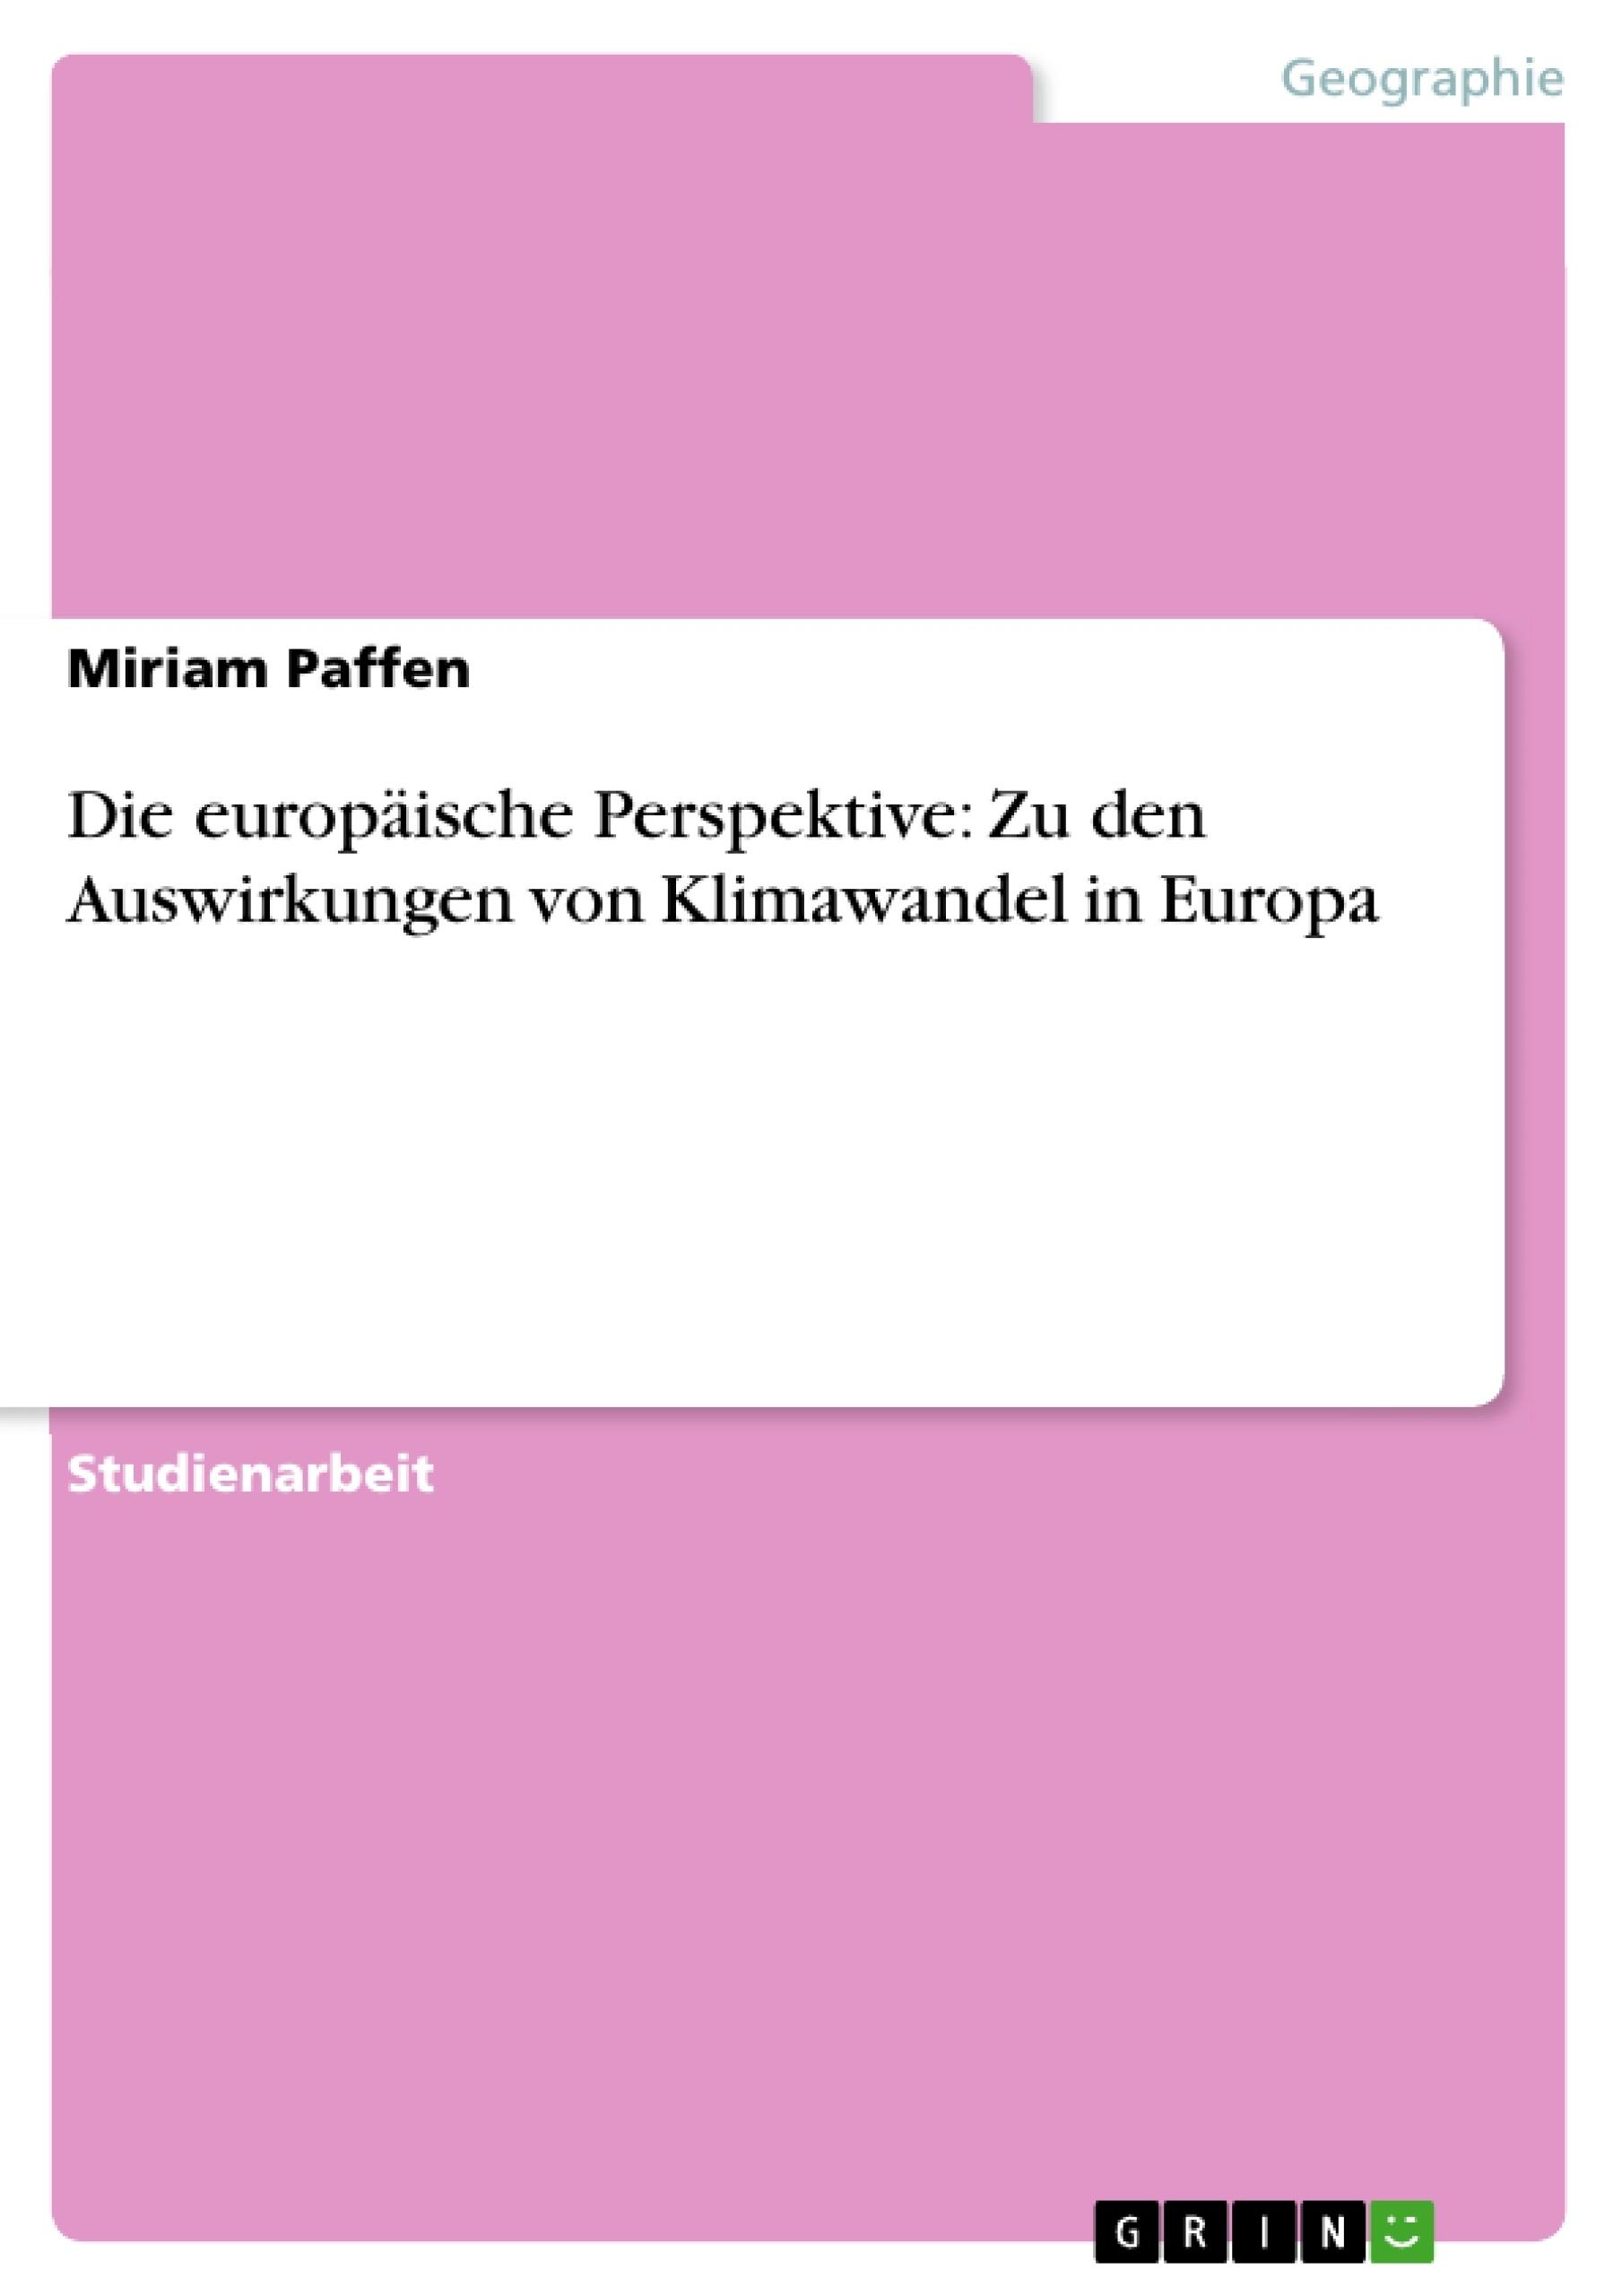 Titel: Die europäische Perspektive: Zu den Auswirkungen von Klimawandel in Europa